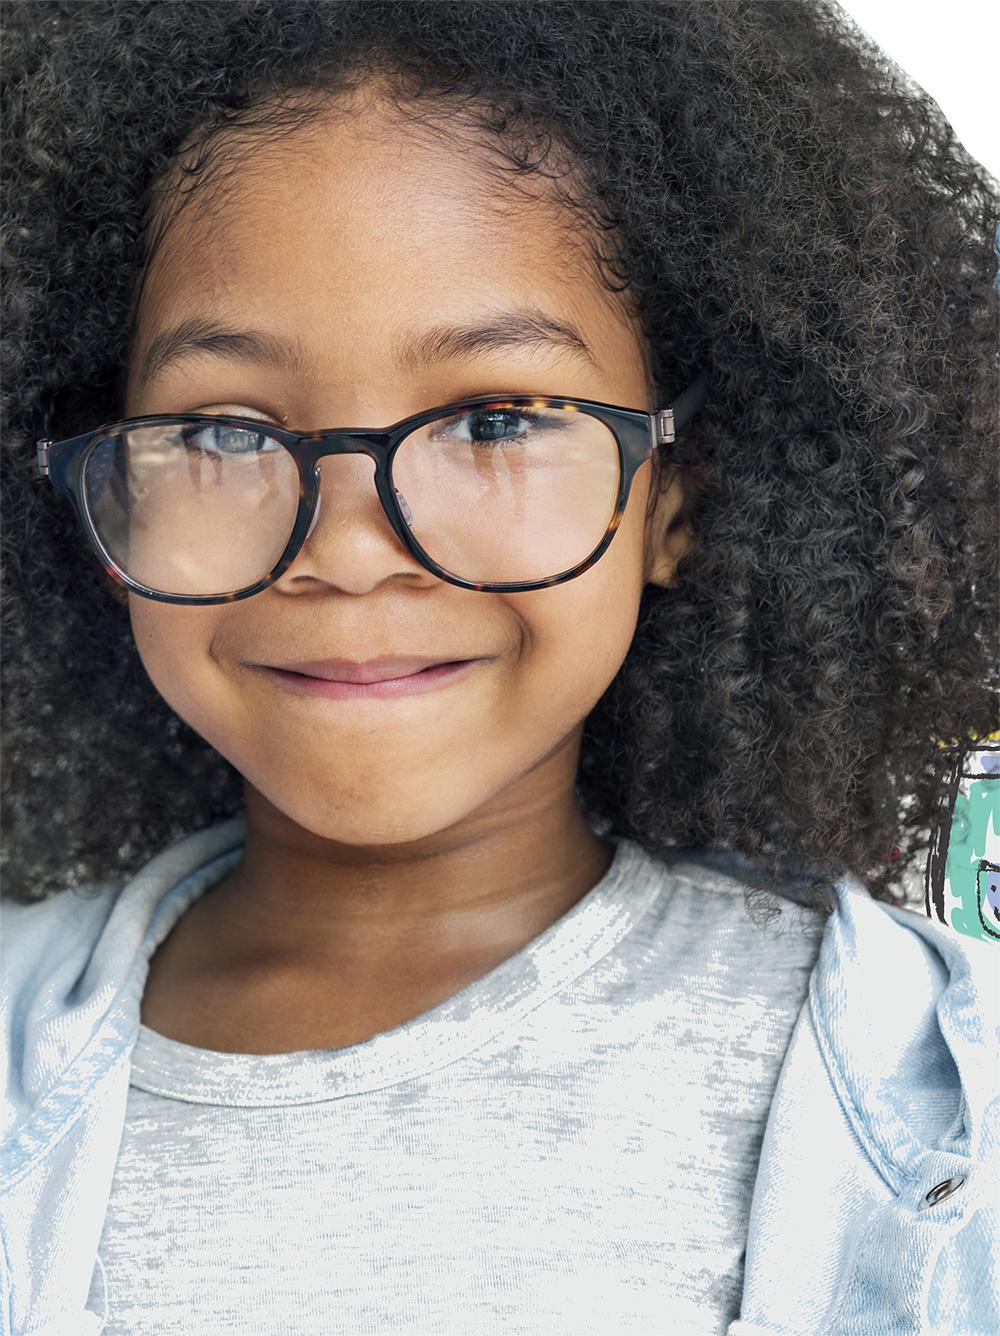 little-girl-with-glasses.jpg